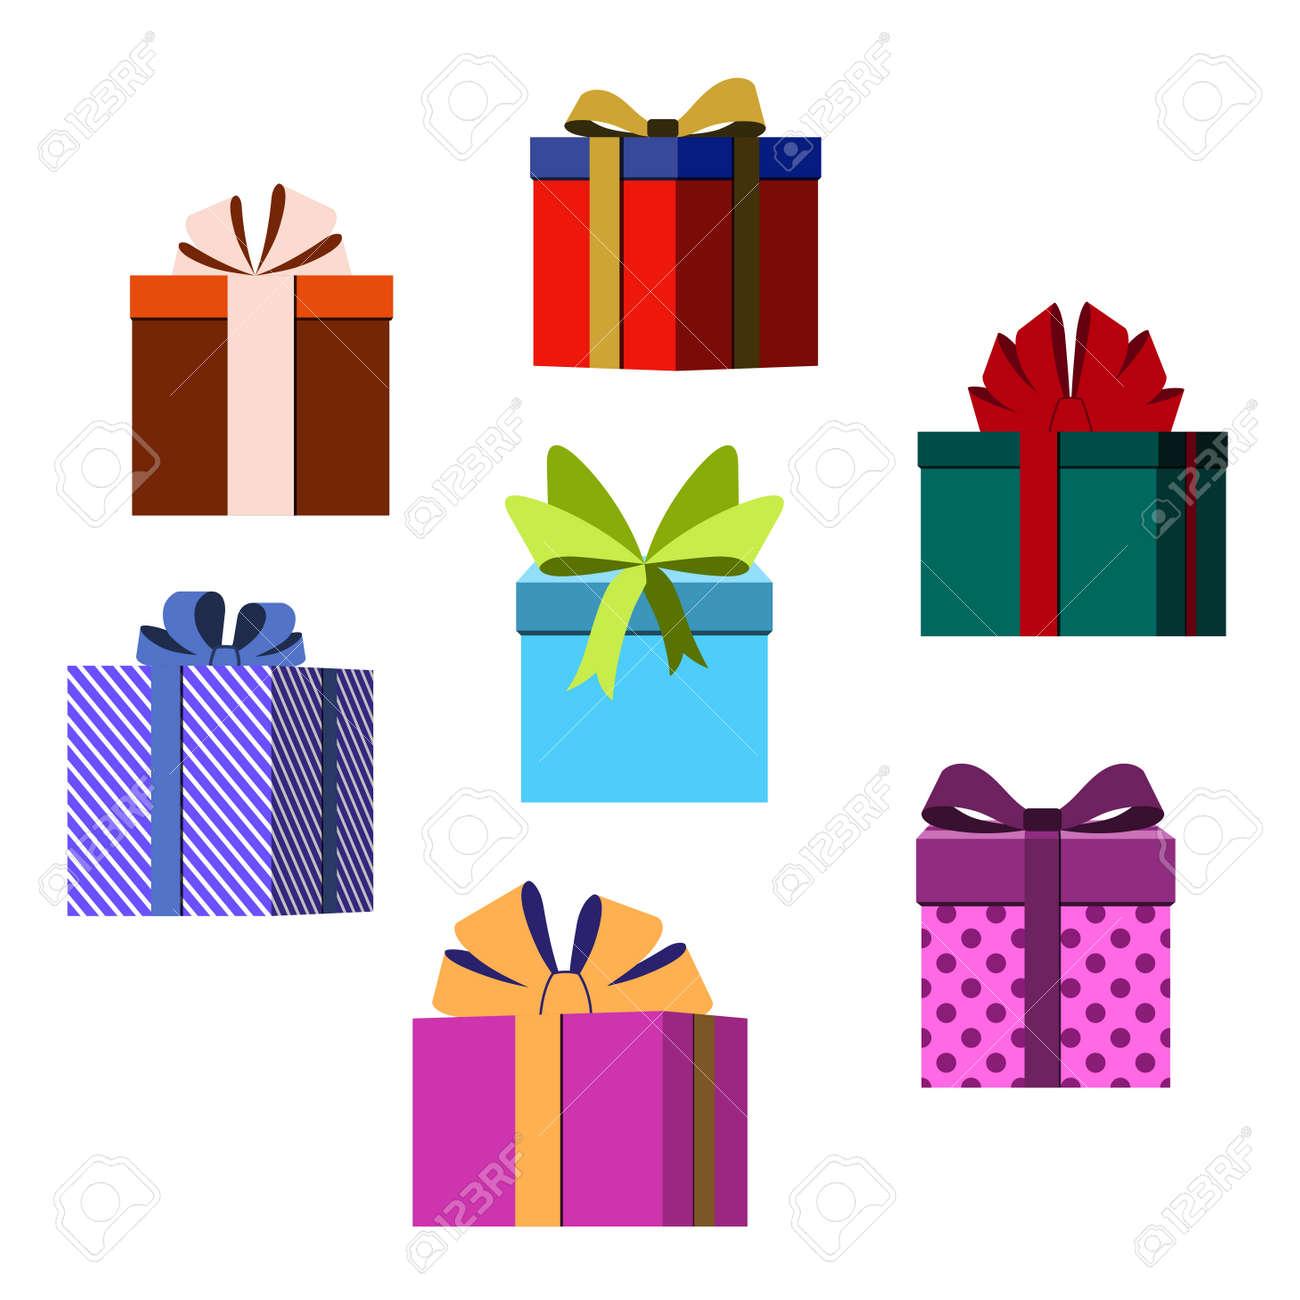 Bunte Gewickelte Geschenk-Boxen. Viele Geschenke Wohnung Stil ...